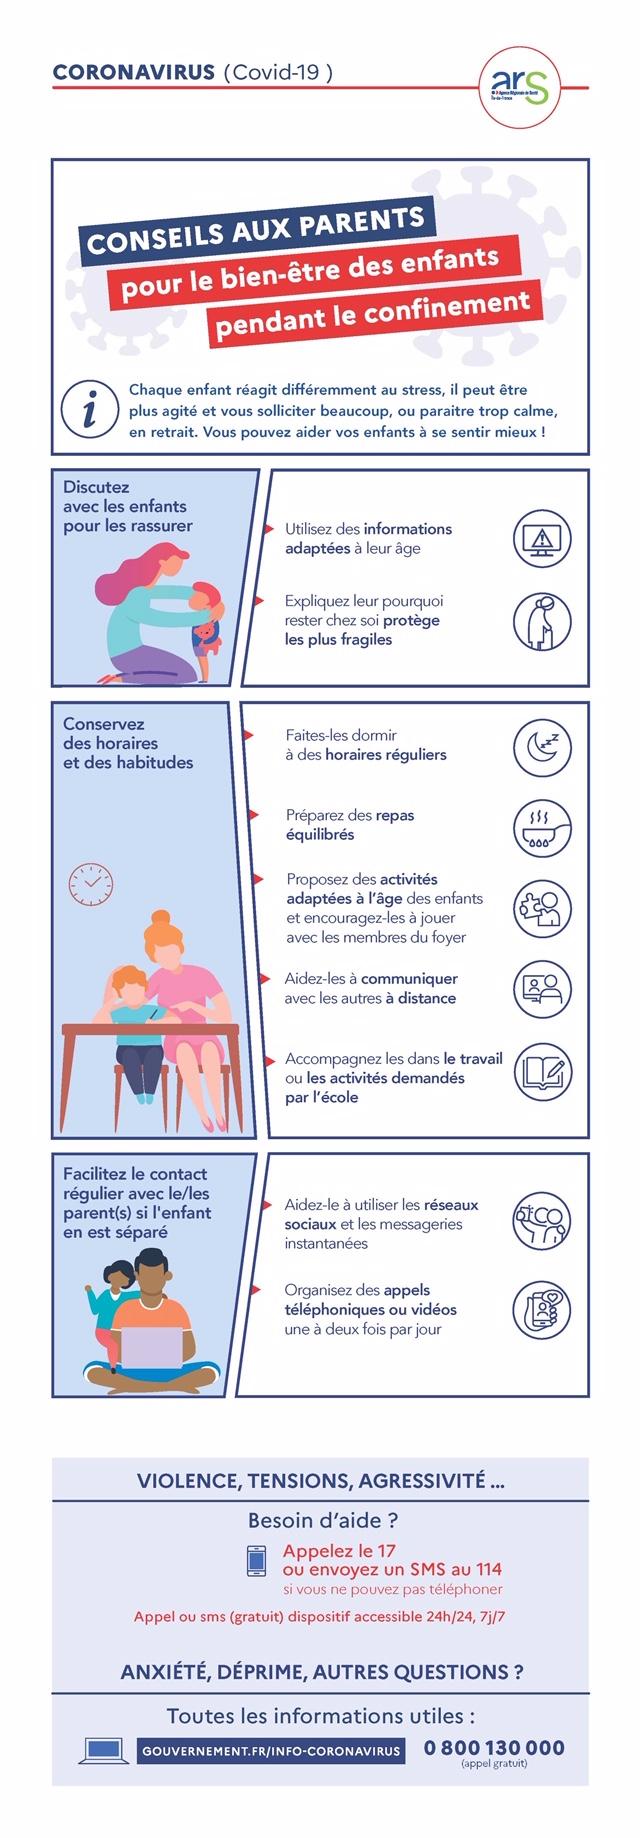 ARS – Conseils aux parents pour le bien-être des enfants pendant le confinement